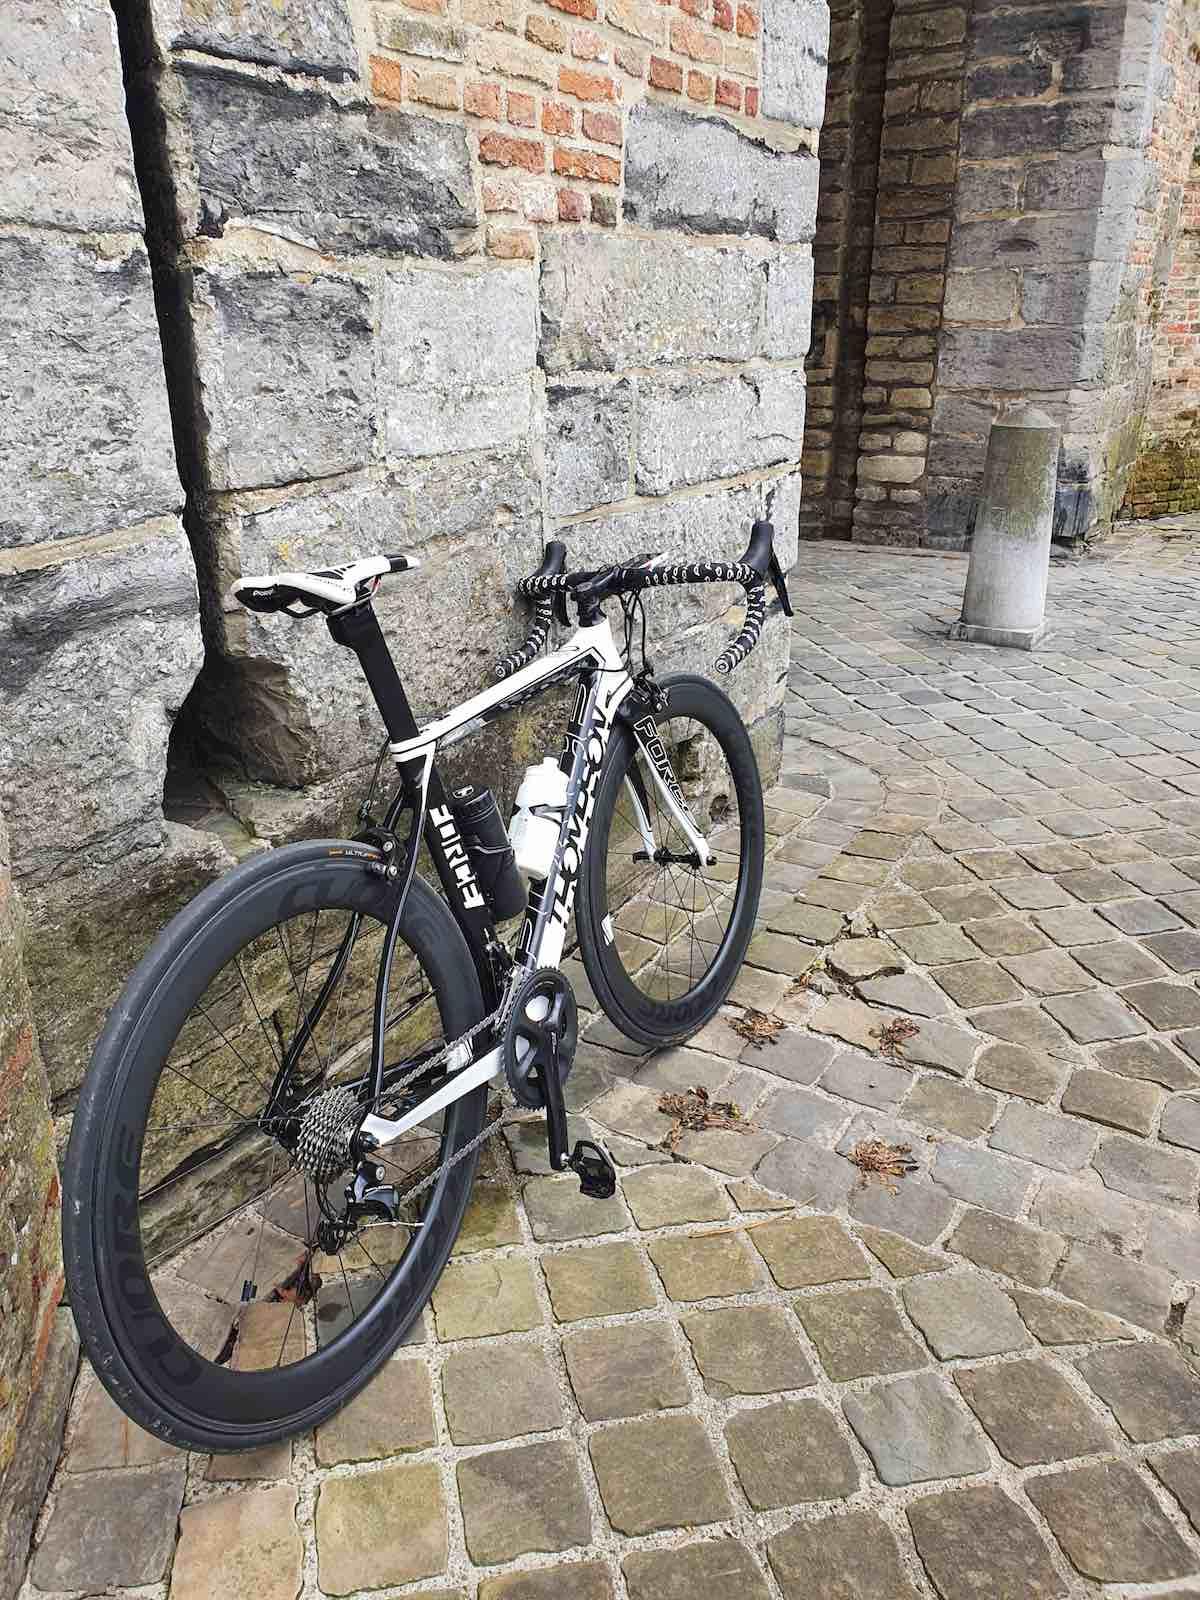 Bikerumor Pic Of The Day: Brugge, België